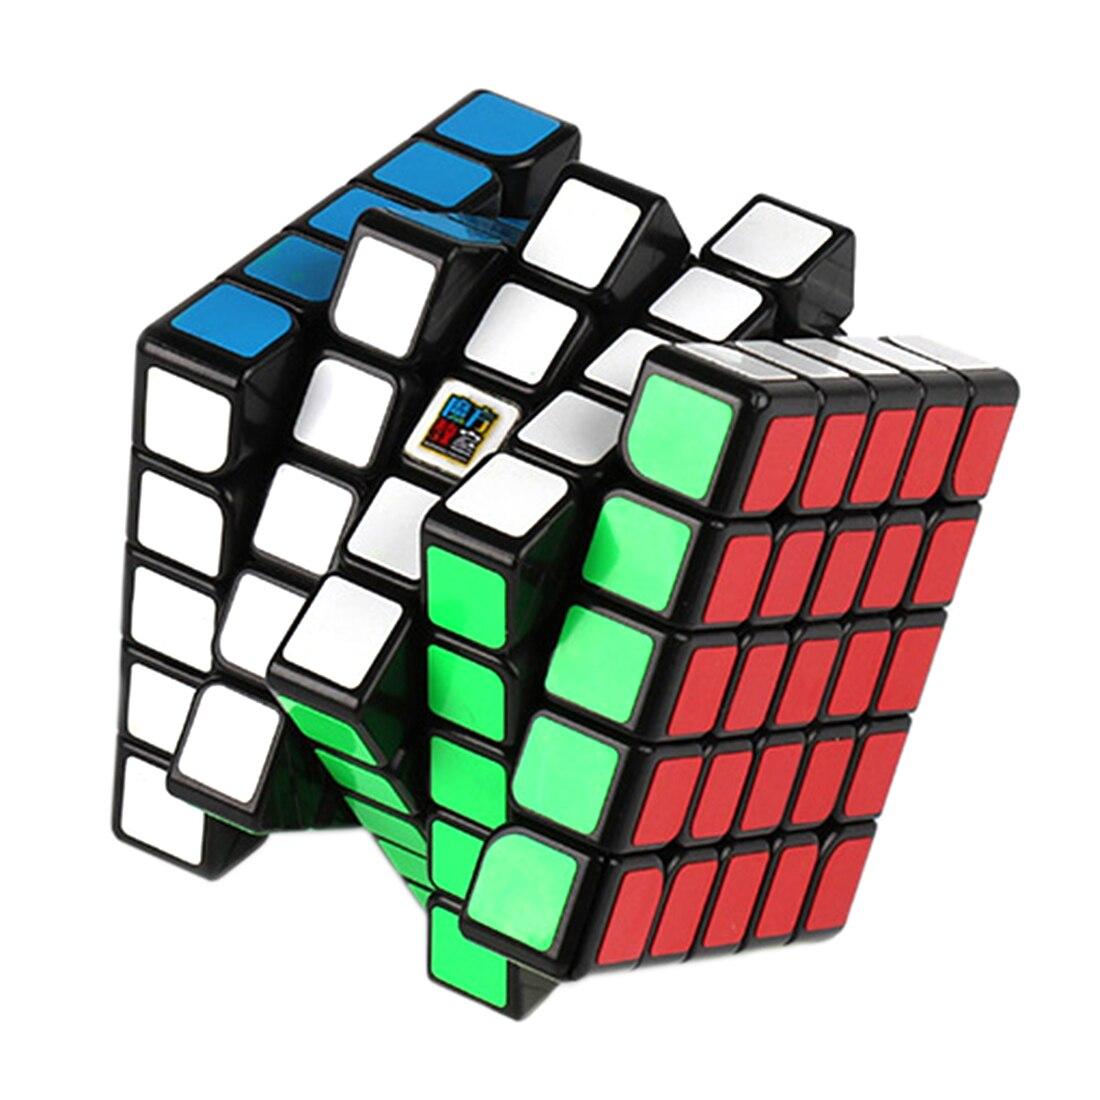 Nouvelle arrivée MF9310 Cubing salle de classe 2-7 étapes Cube magique ensemble avec emballage de boîte-cadeau pour la formation du cerveau - 3